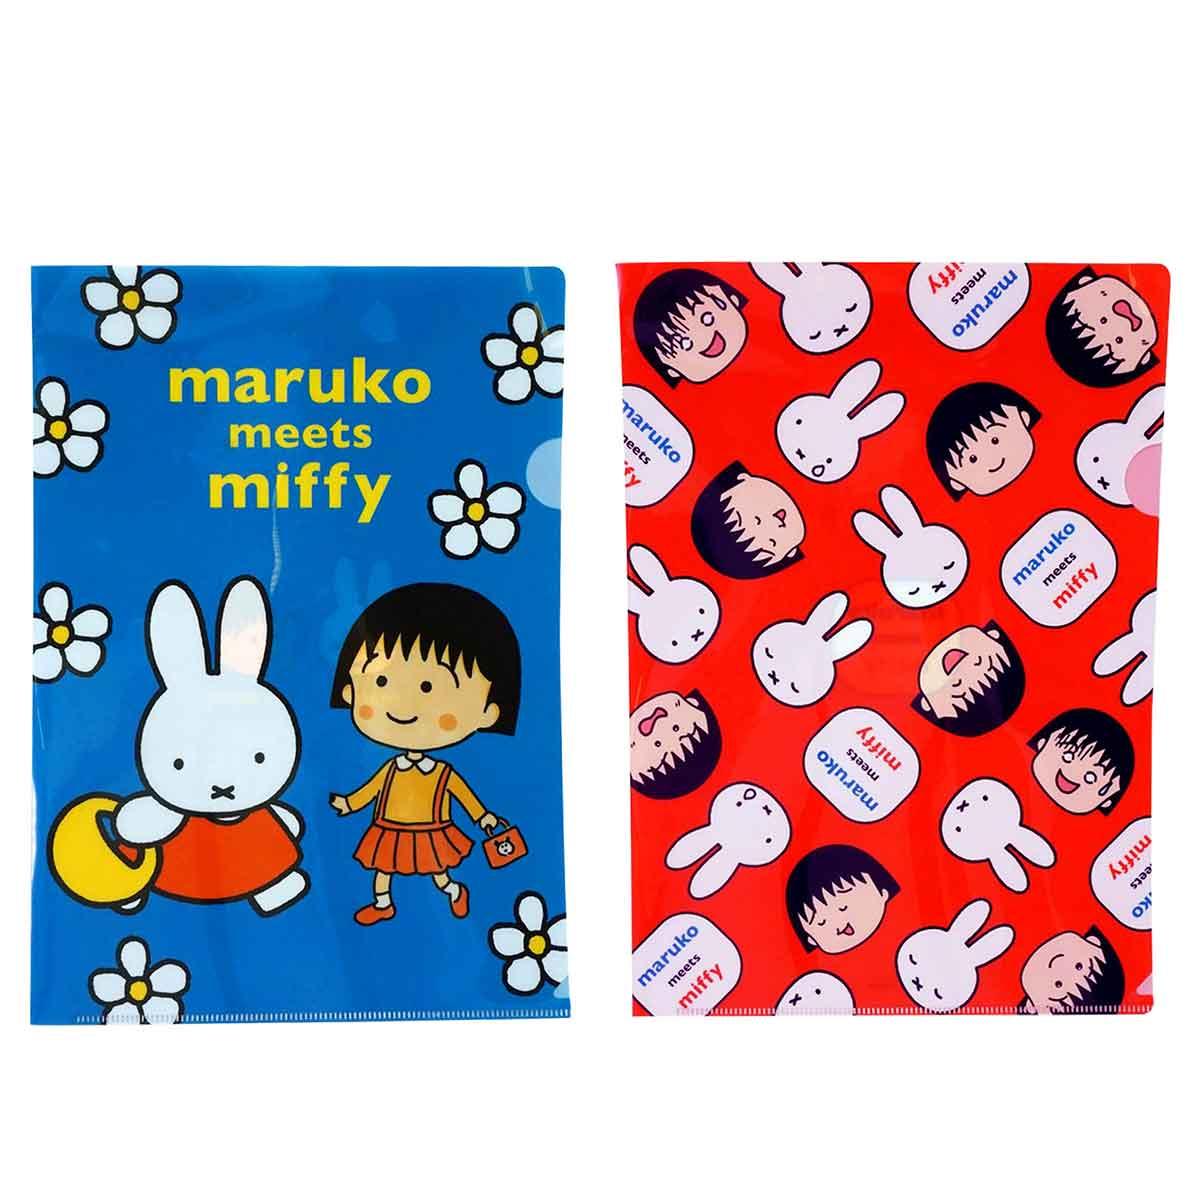 日本L型資料夾 A4 櫻桃小丸子 米菲兔 MARUKO MEETS MIFFY ちびまる子ちゃん 日本進口正版授權